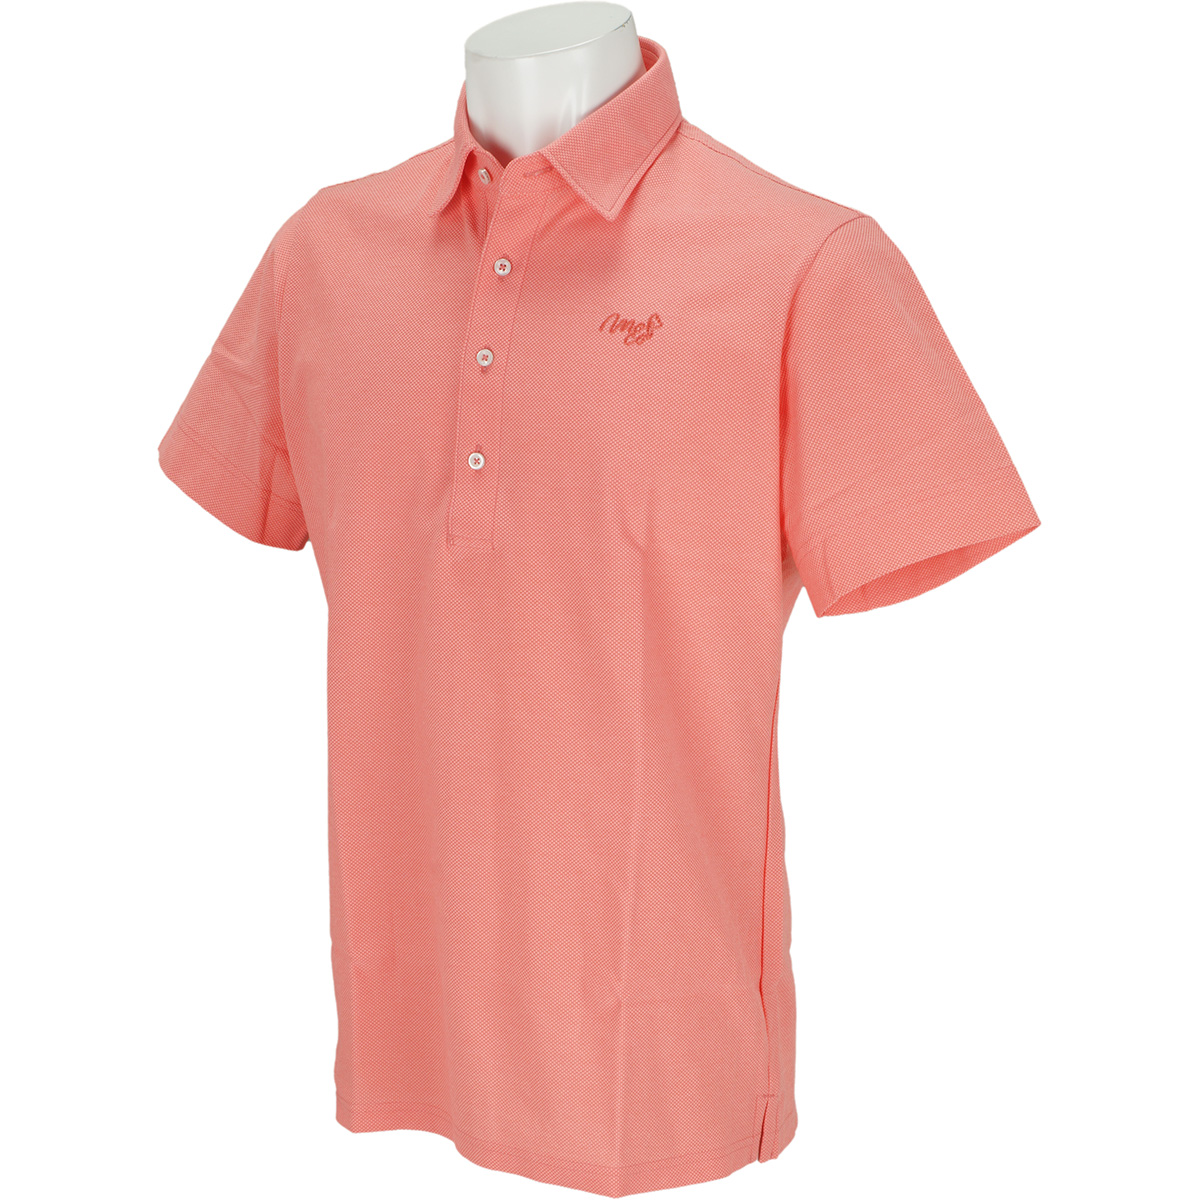 アルビニドライ 鹿の子半袖ポロシャツ